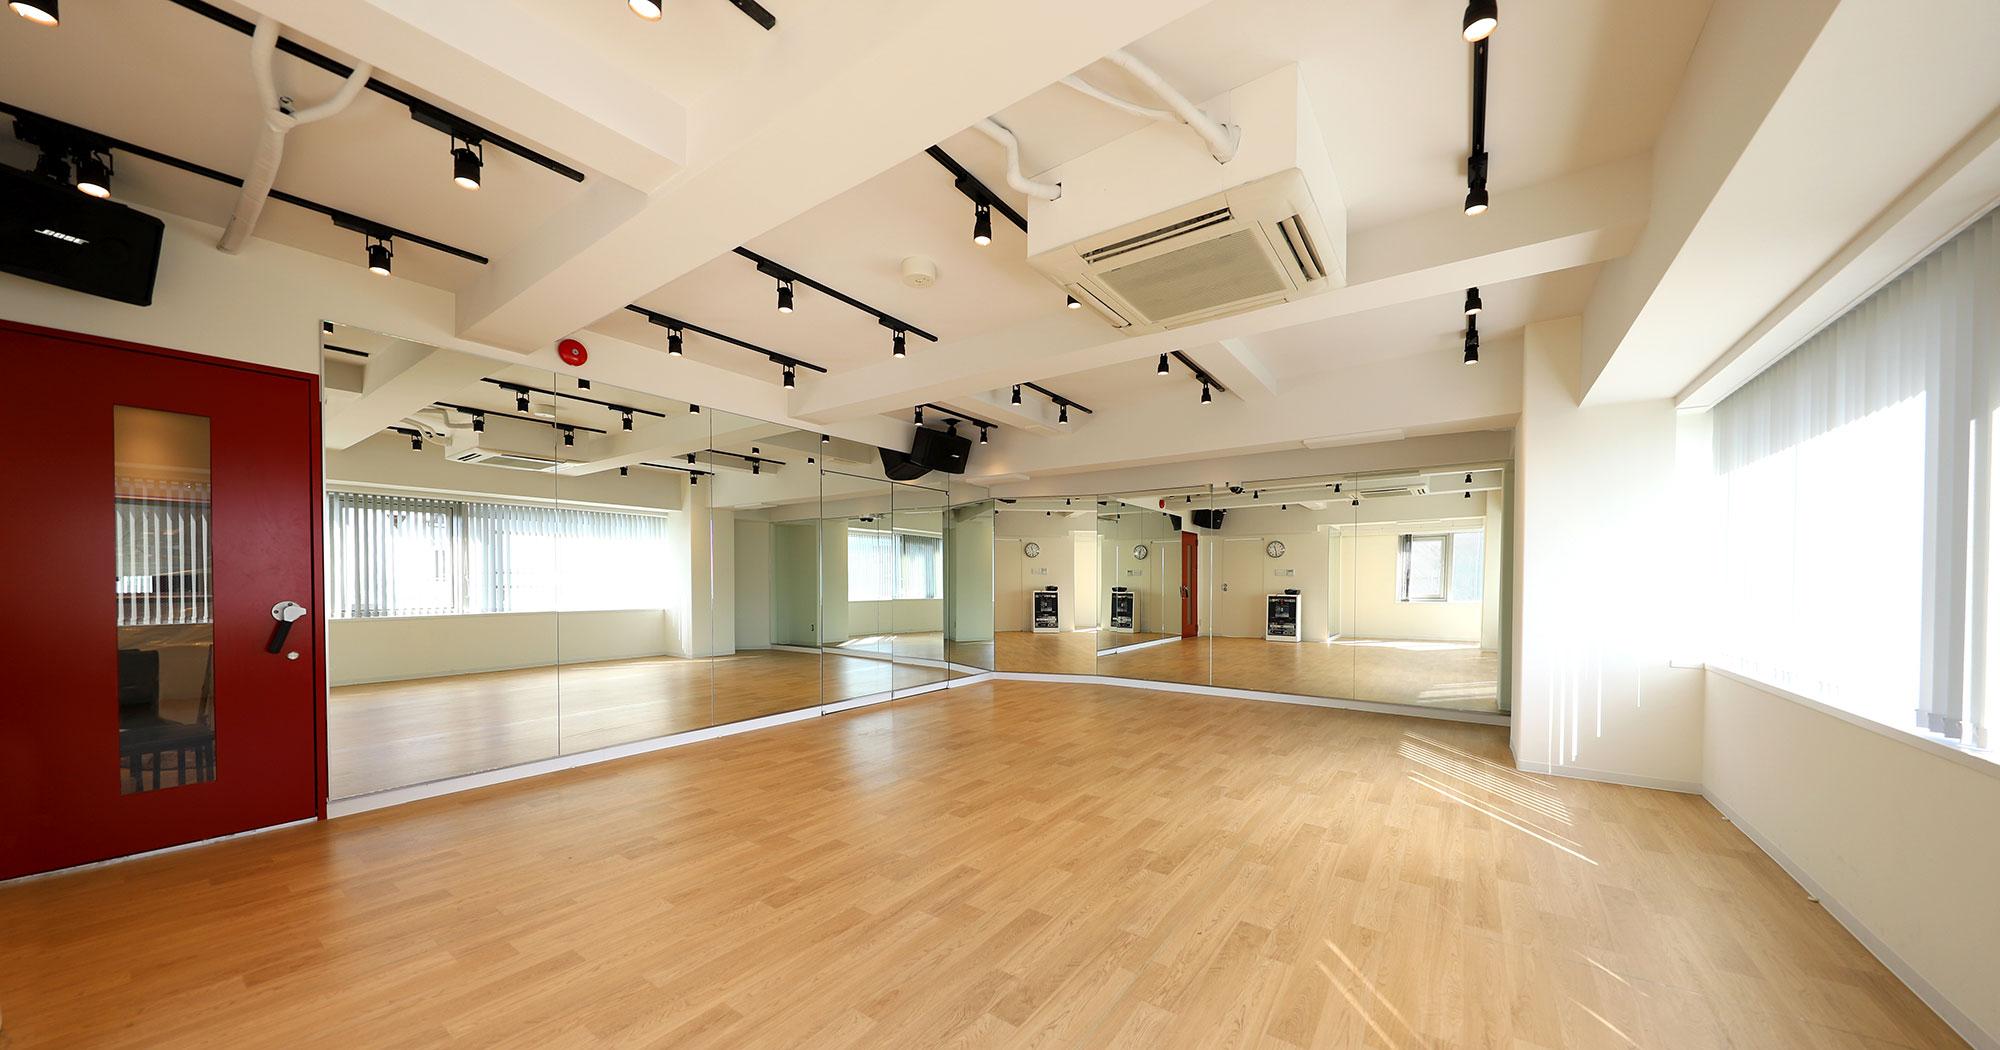 スタジオノア駒沢店に31帖の広々としたダンス練習スタジオがついにオープンしました!(全3スタジオ)